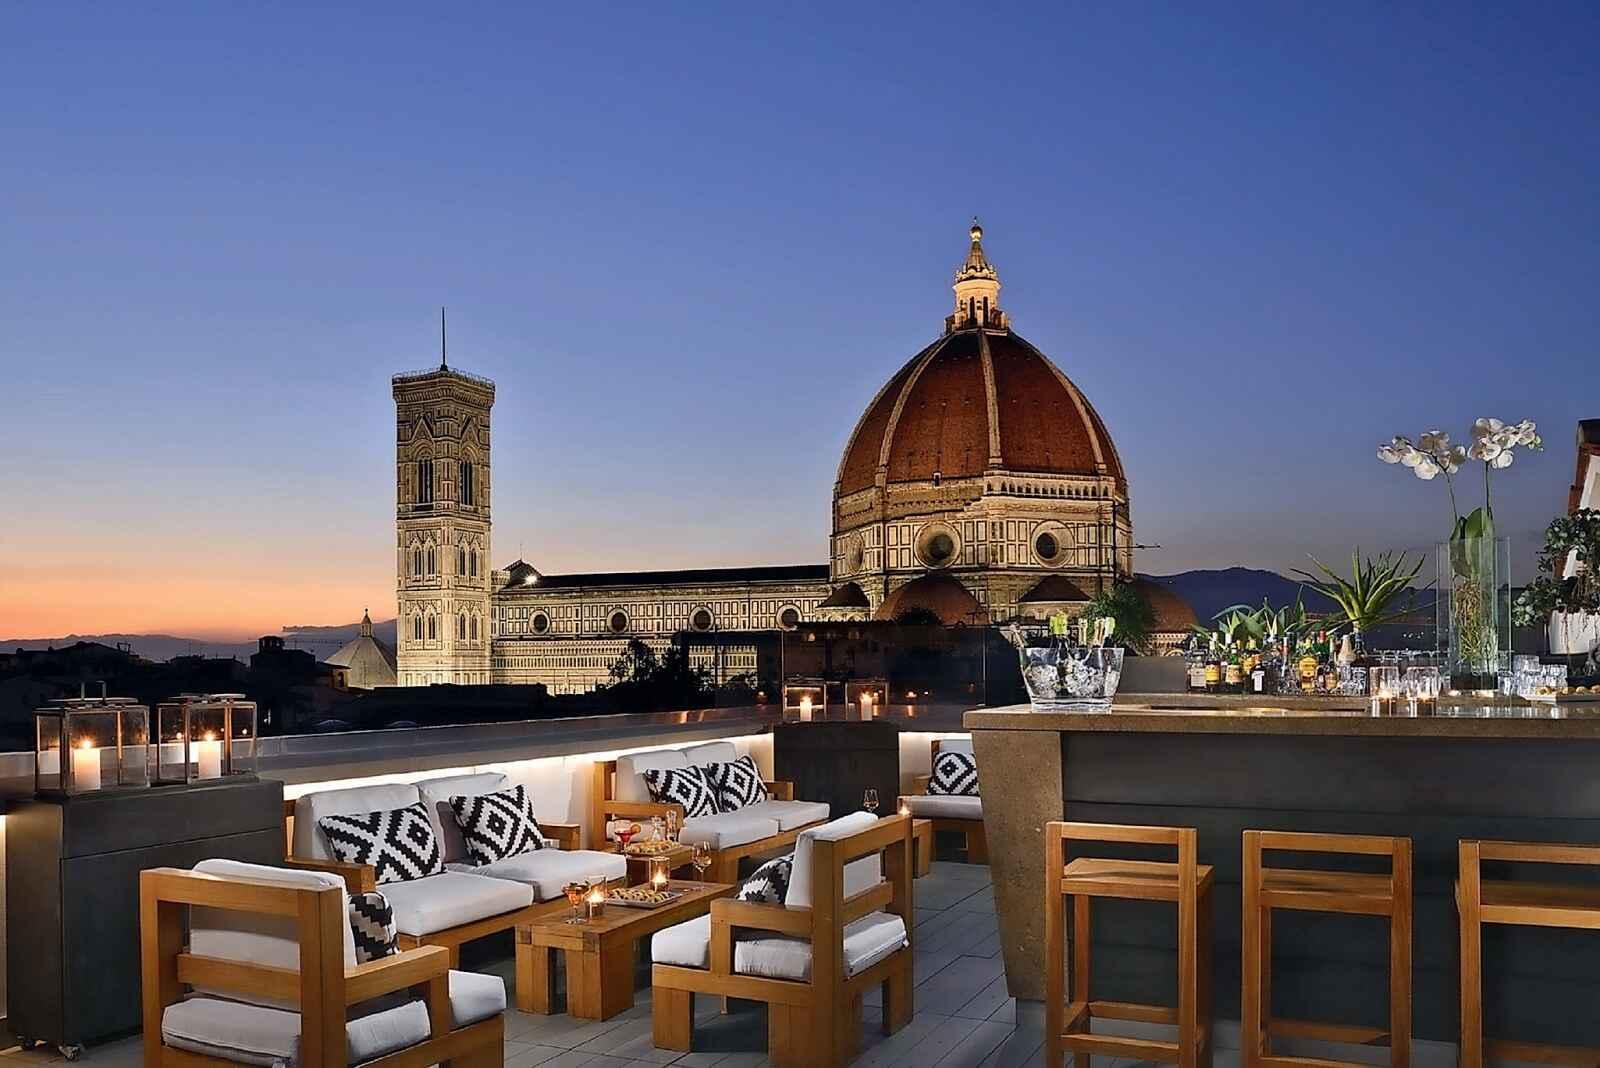 Séjour Toscane - Grand Hôtel Cavour